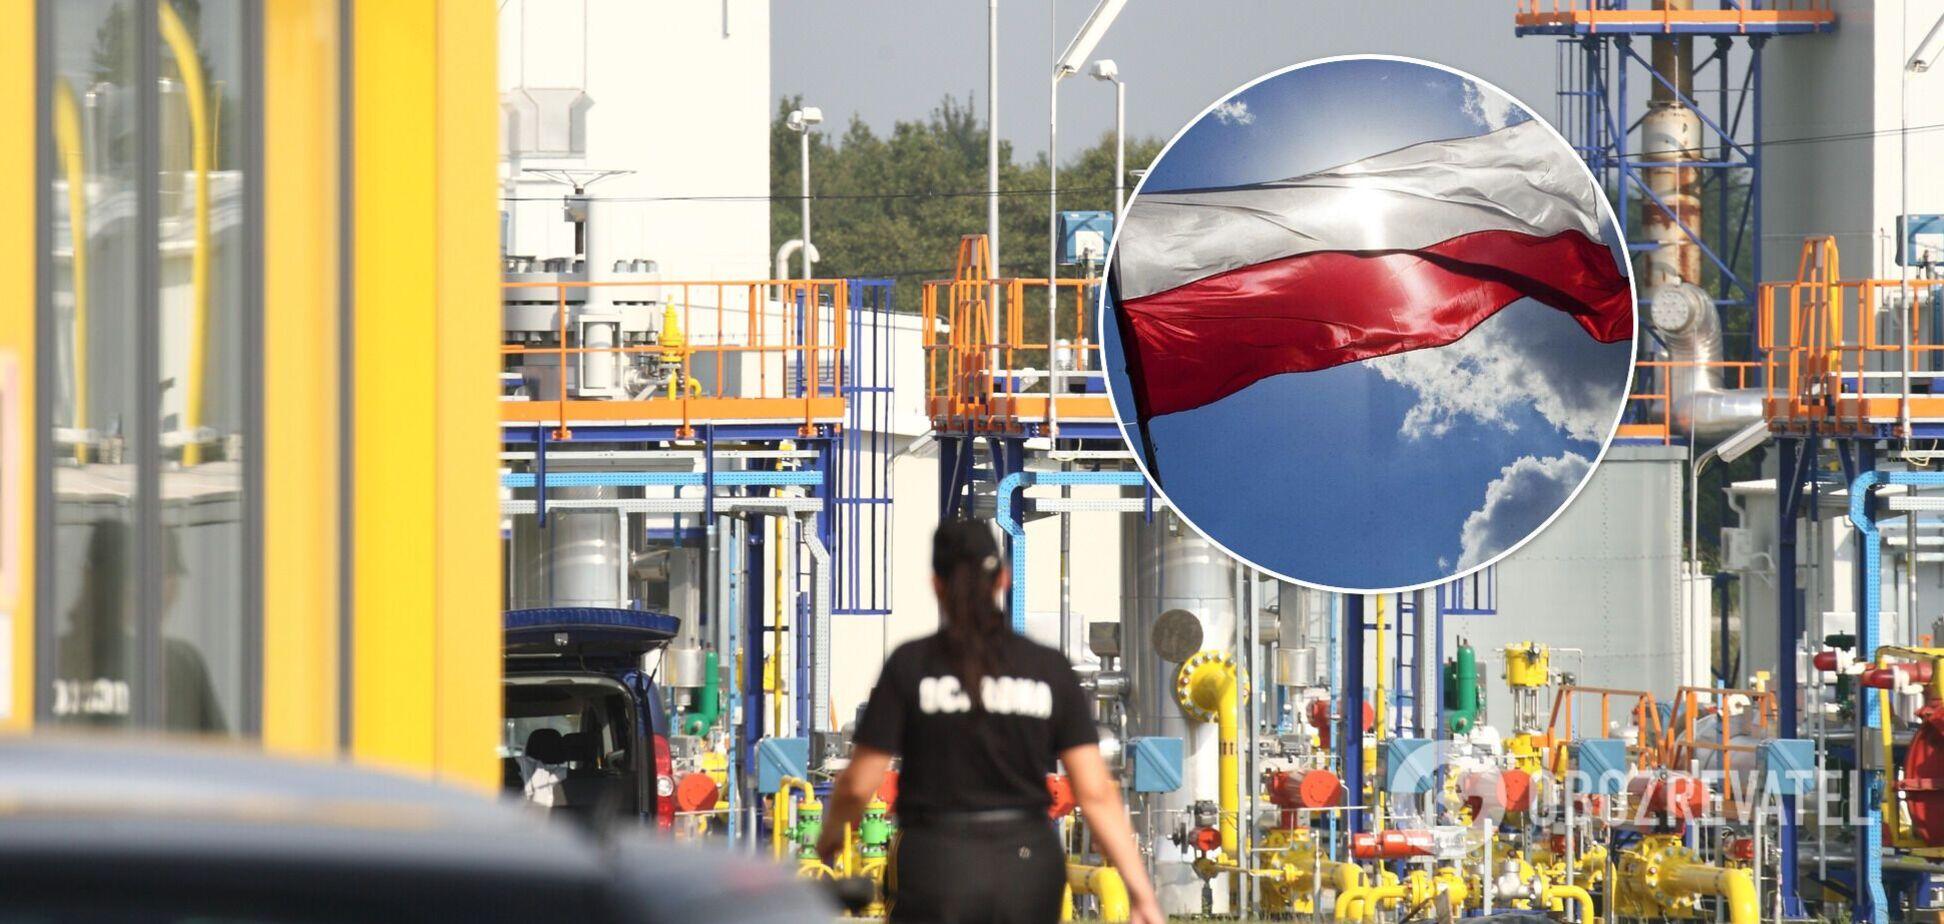 Польща не буде продовжувати контракт з 'Газпромом'